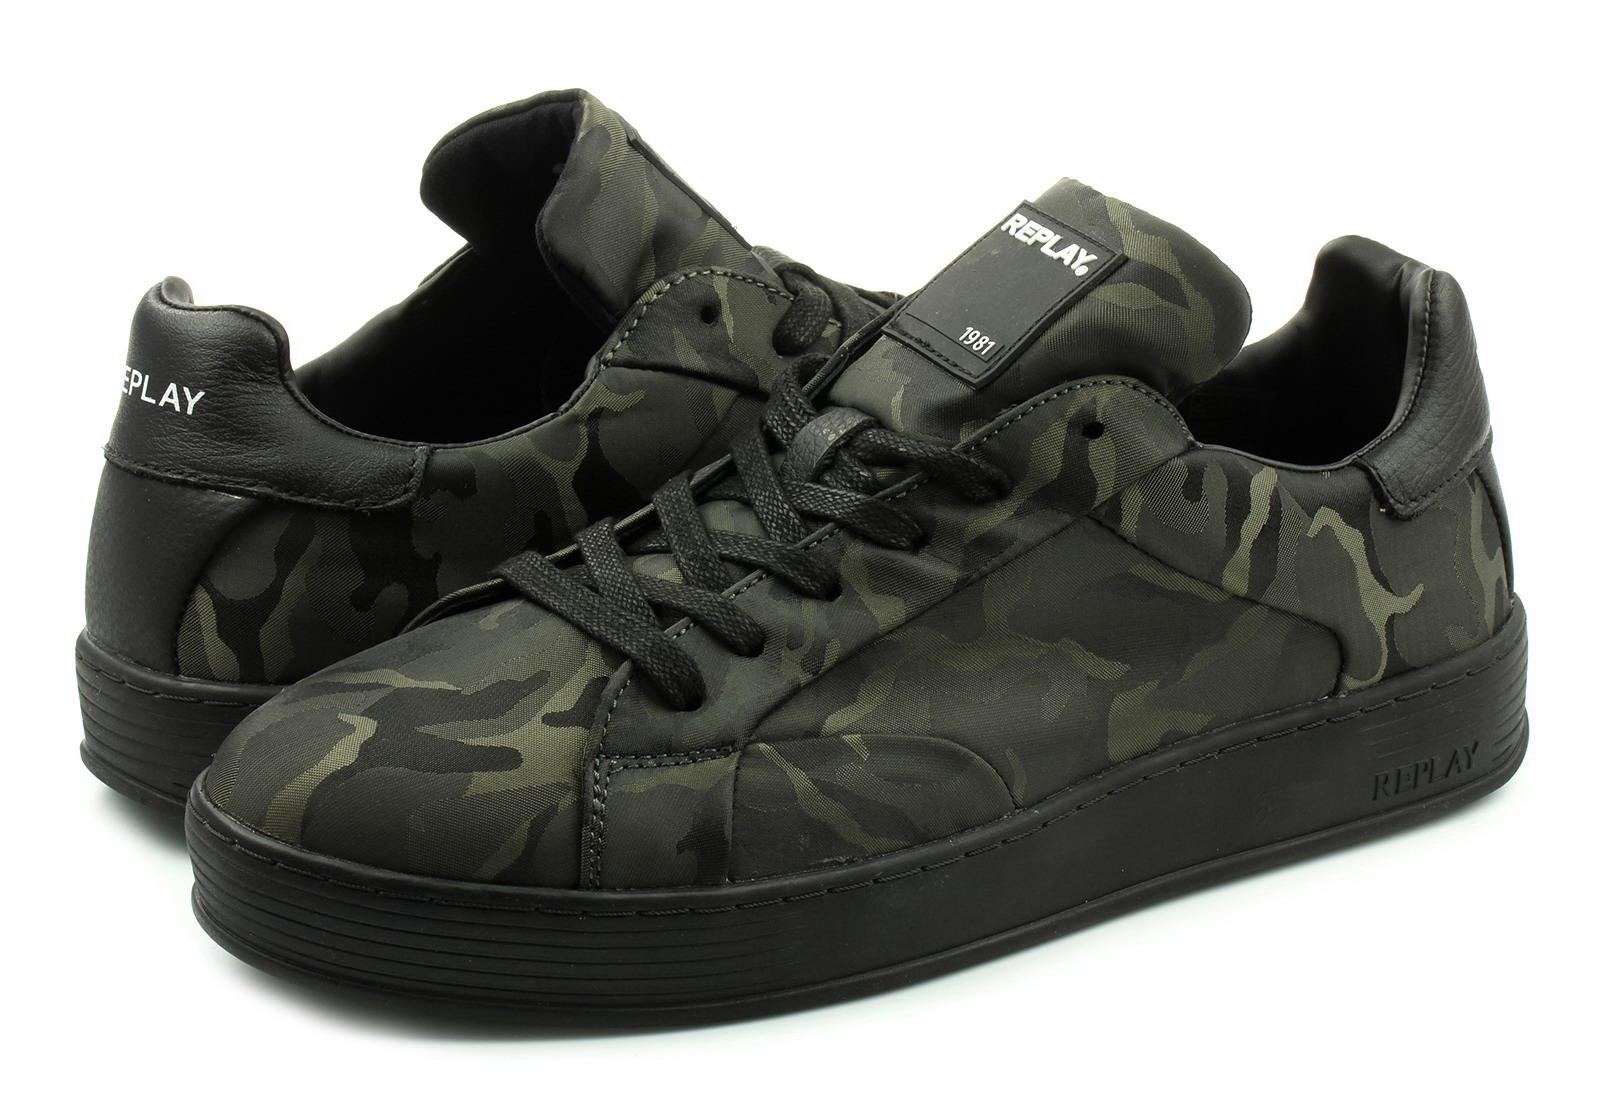 Replay Cipő - Rz970017s - RZ970017S-0765 - Office Shoes Magyarország 5a2ec2bcf1